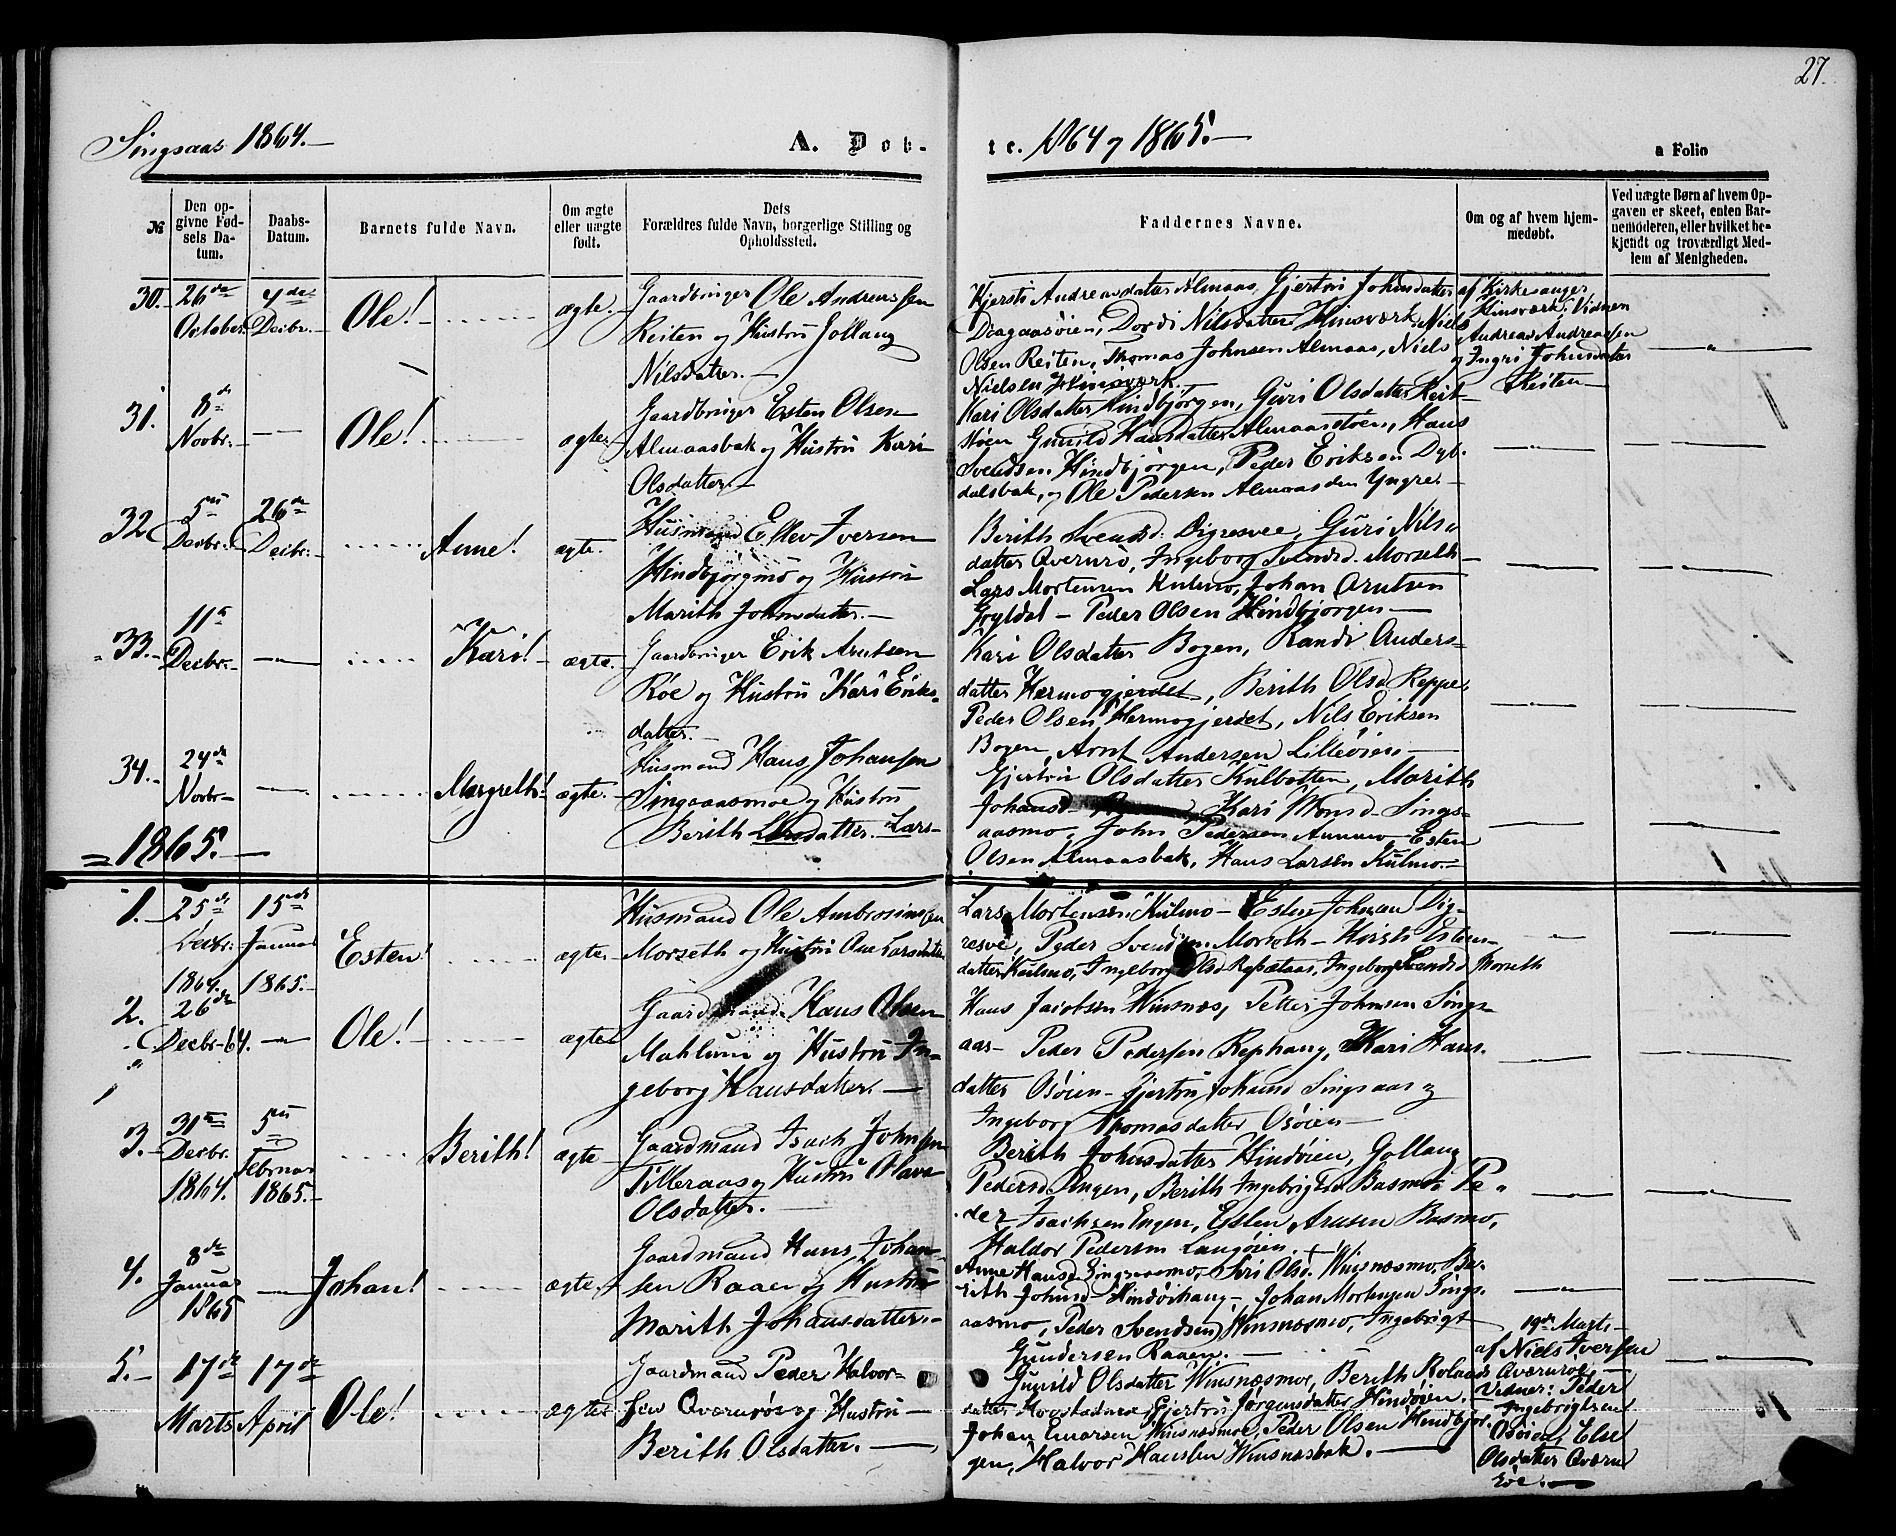 SAT, Ministerialprotokoller, klokkerbøker og fødselsregistre - Sør-Trøndelag, 685/L0967: Ministerialbok nr. 685A07 /2, 1860-1869, s. 27